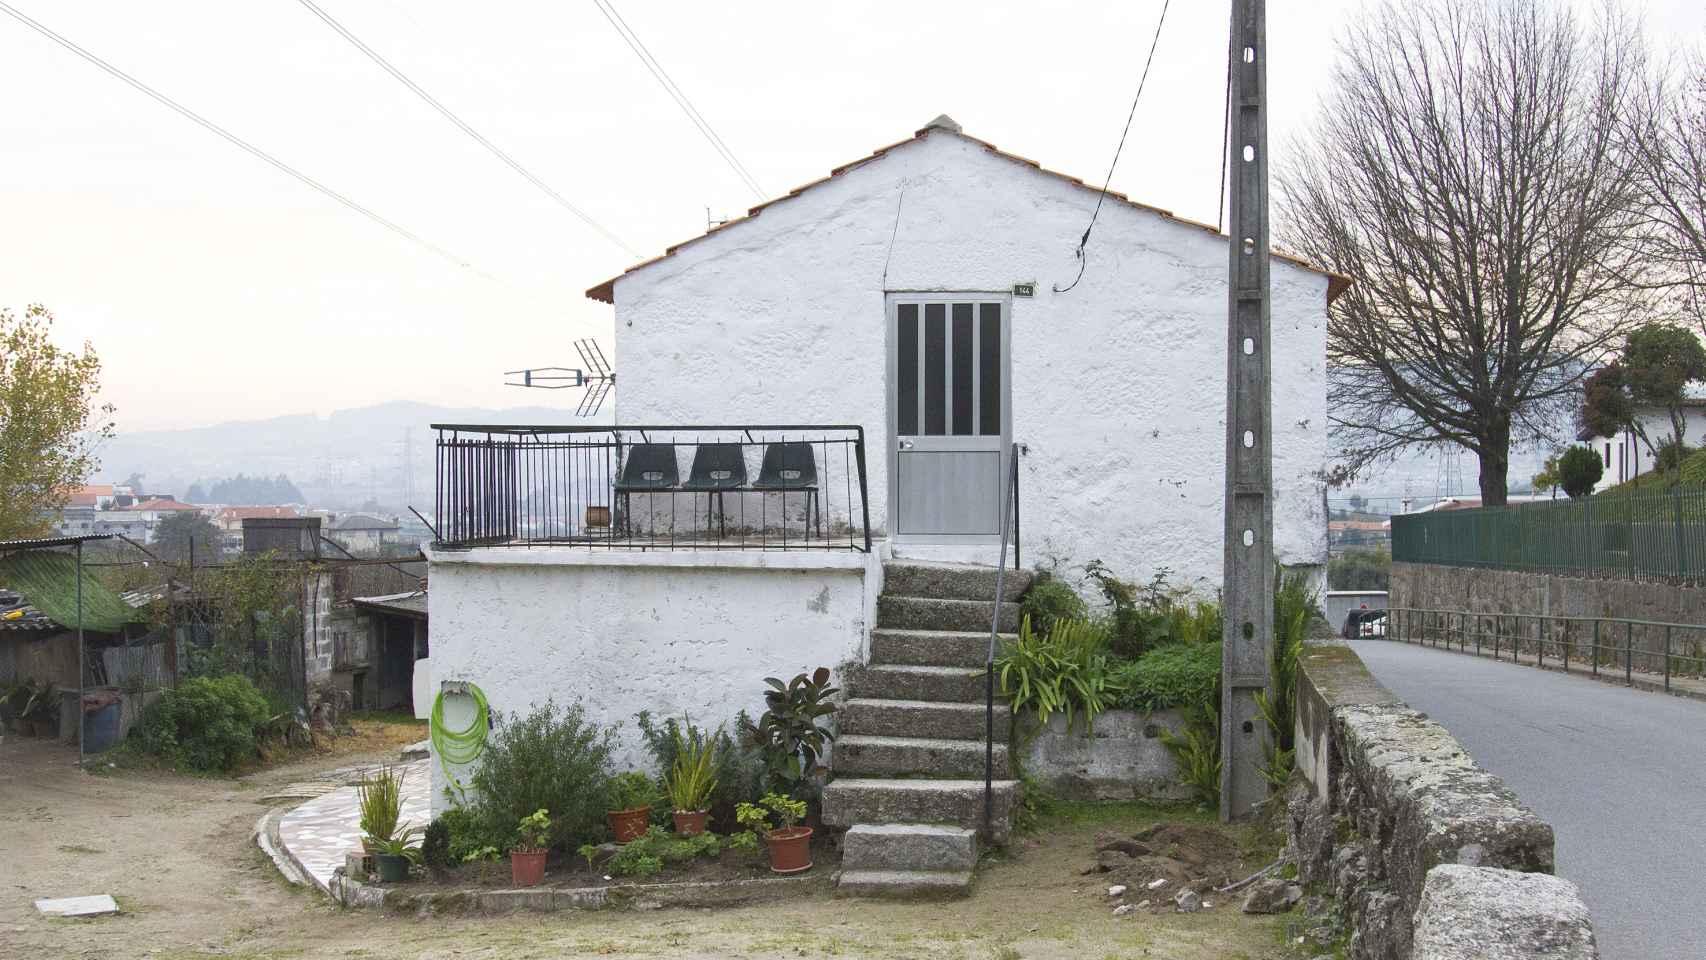 Casa típica de la aldea de Serzedelo, Guimarães.